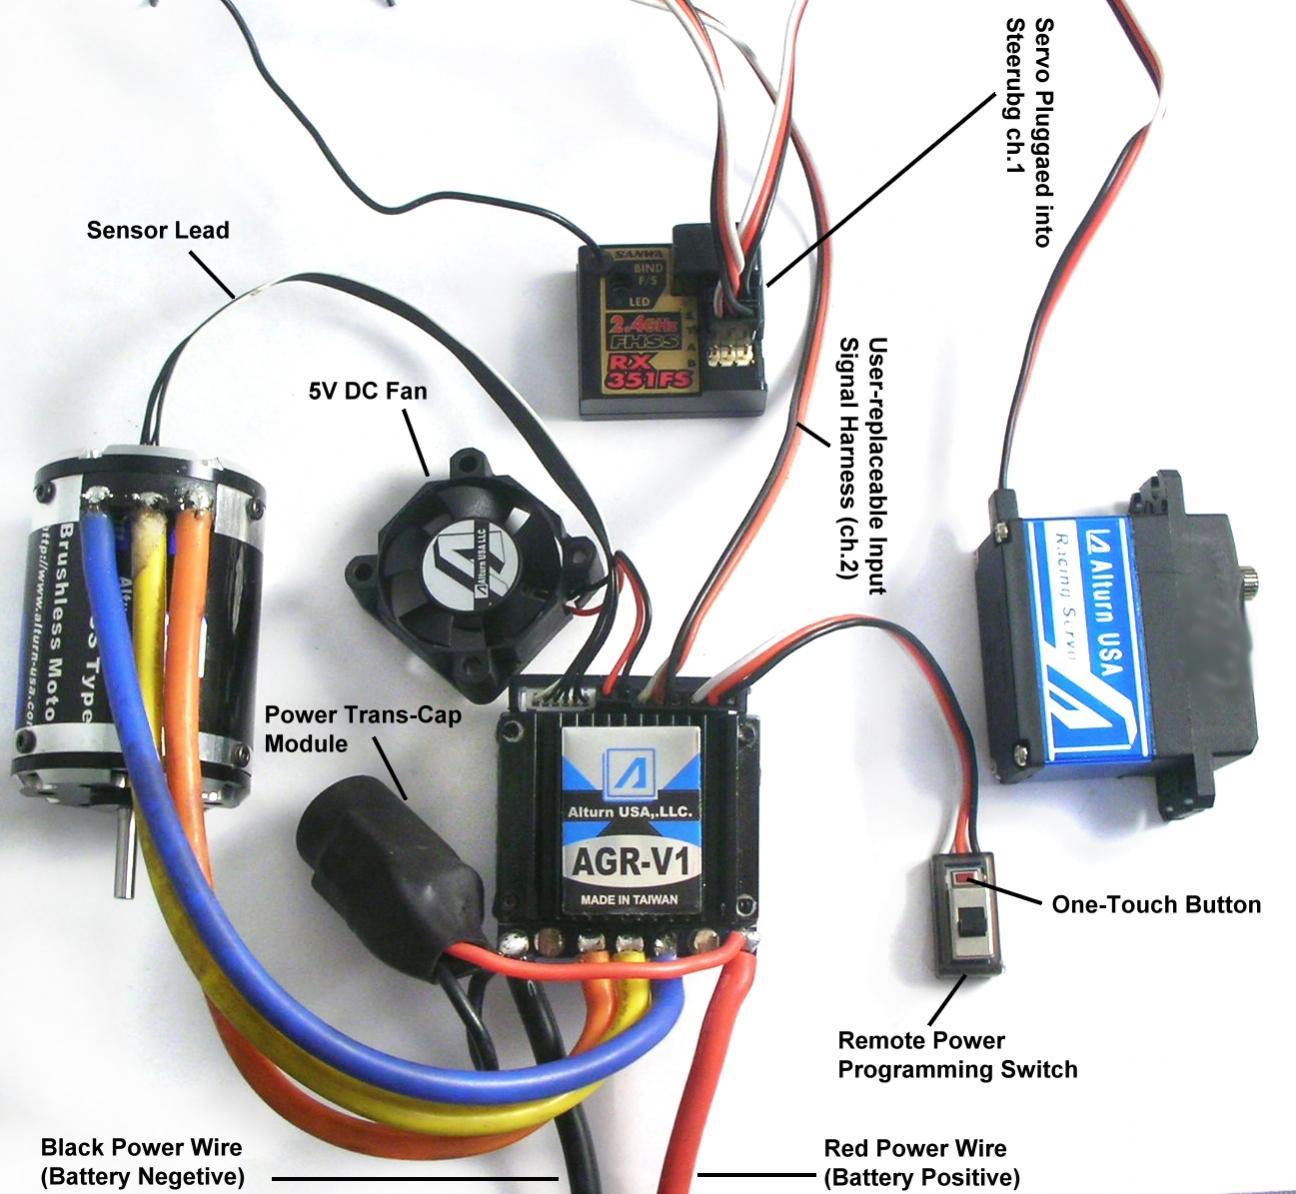 rc car esc wiring complete wiring diagrams u2022 rh 207 246 78 188 brushless motor esc wiring diagram Brushless ESC Wiring Turnigy Car